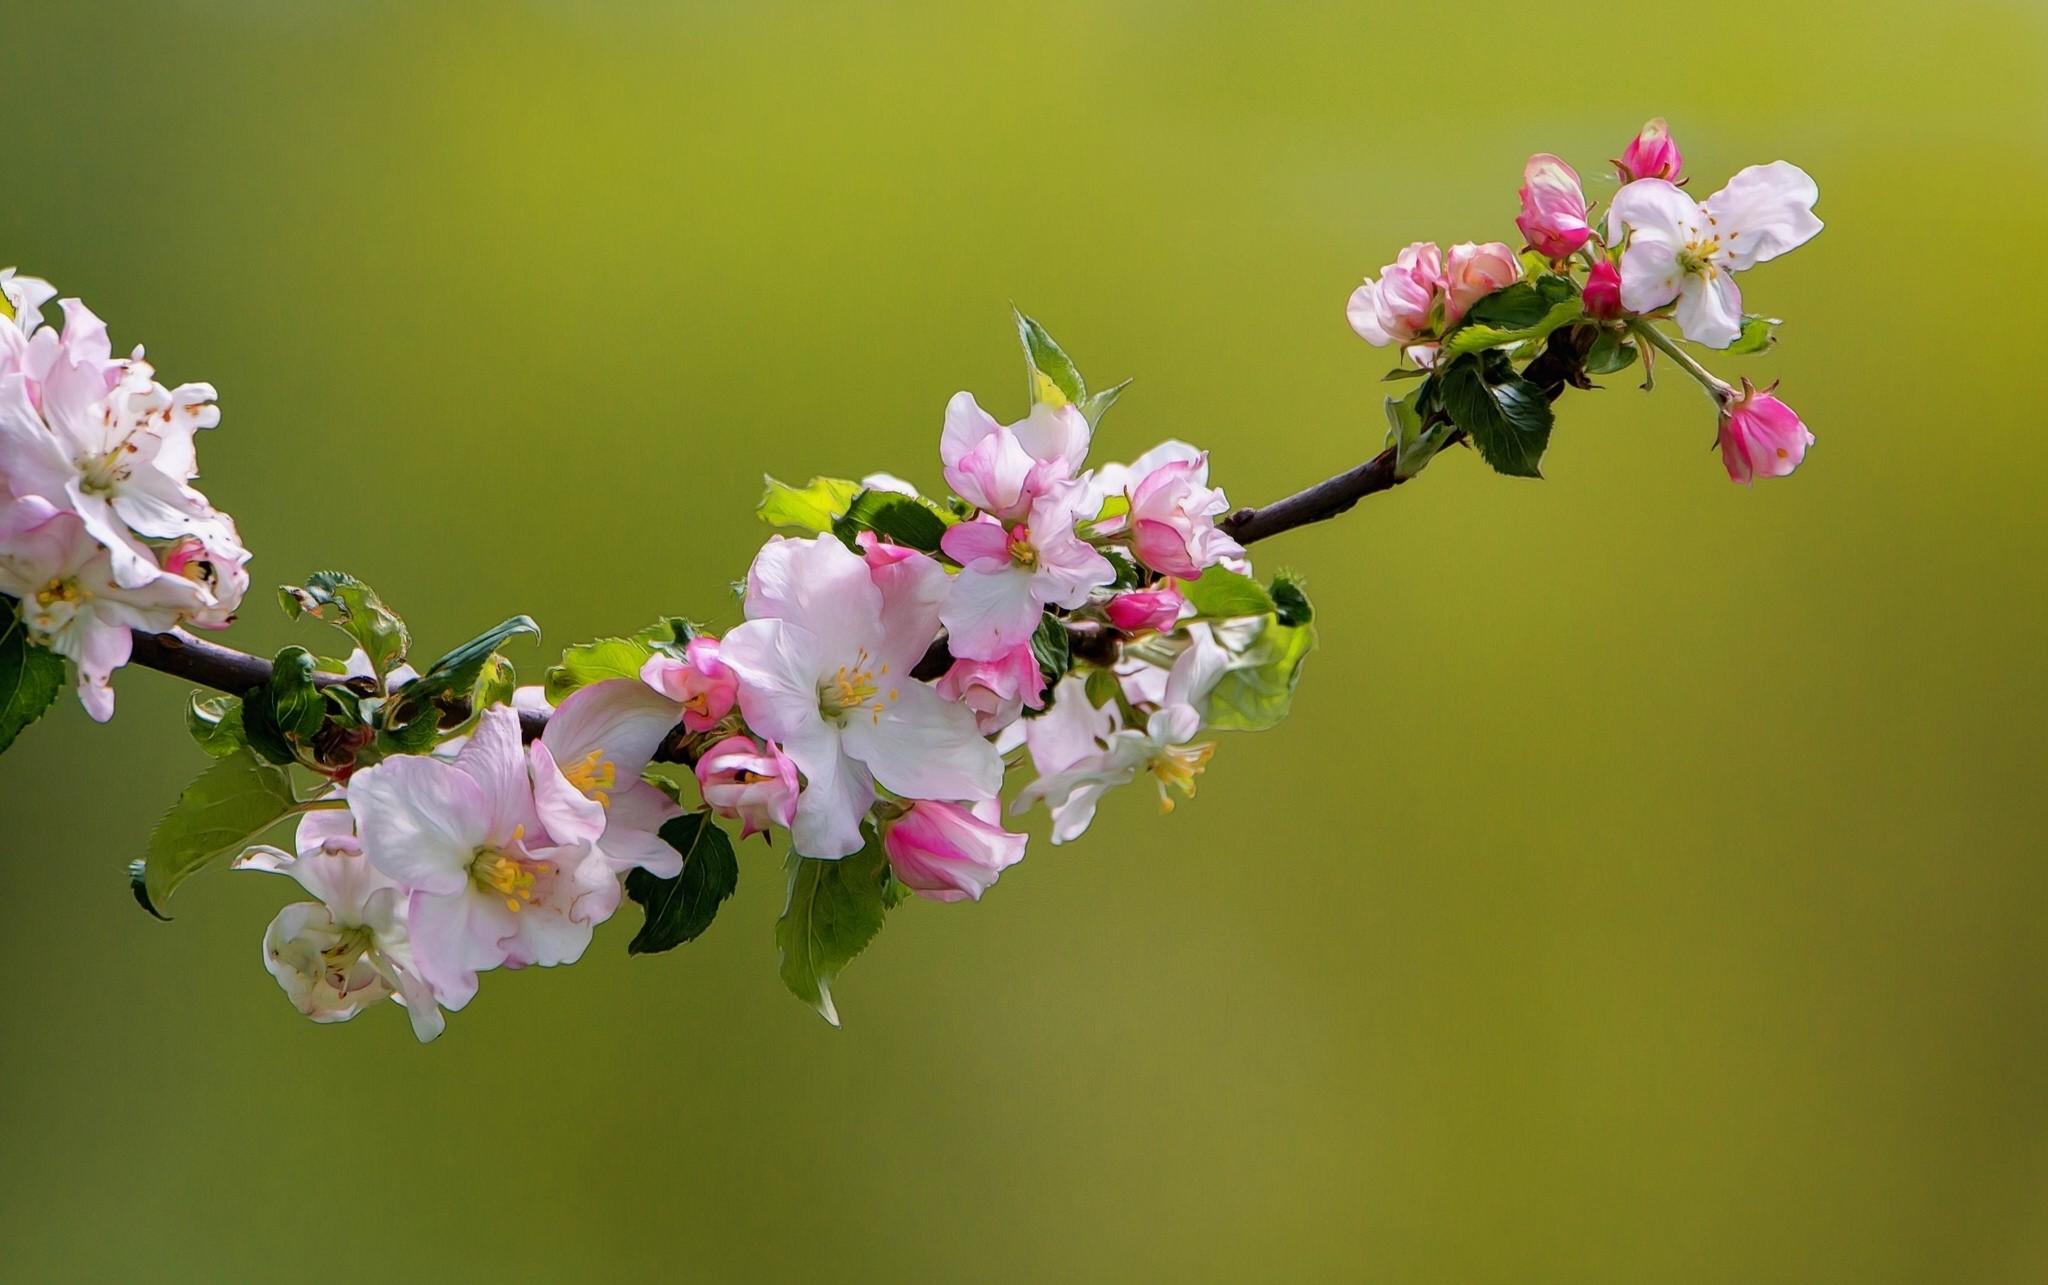 обои для рабочего стола цветущие яблони № 239692  скачать